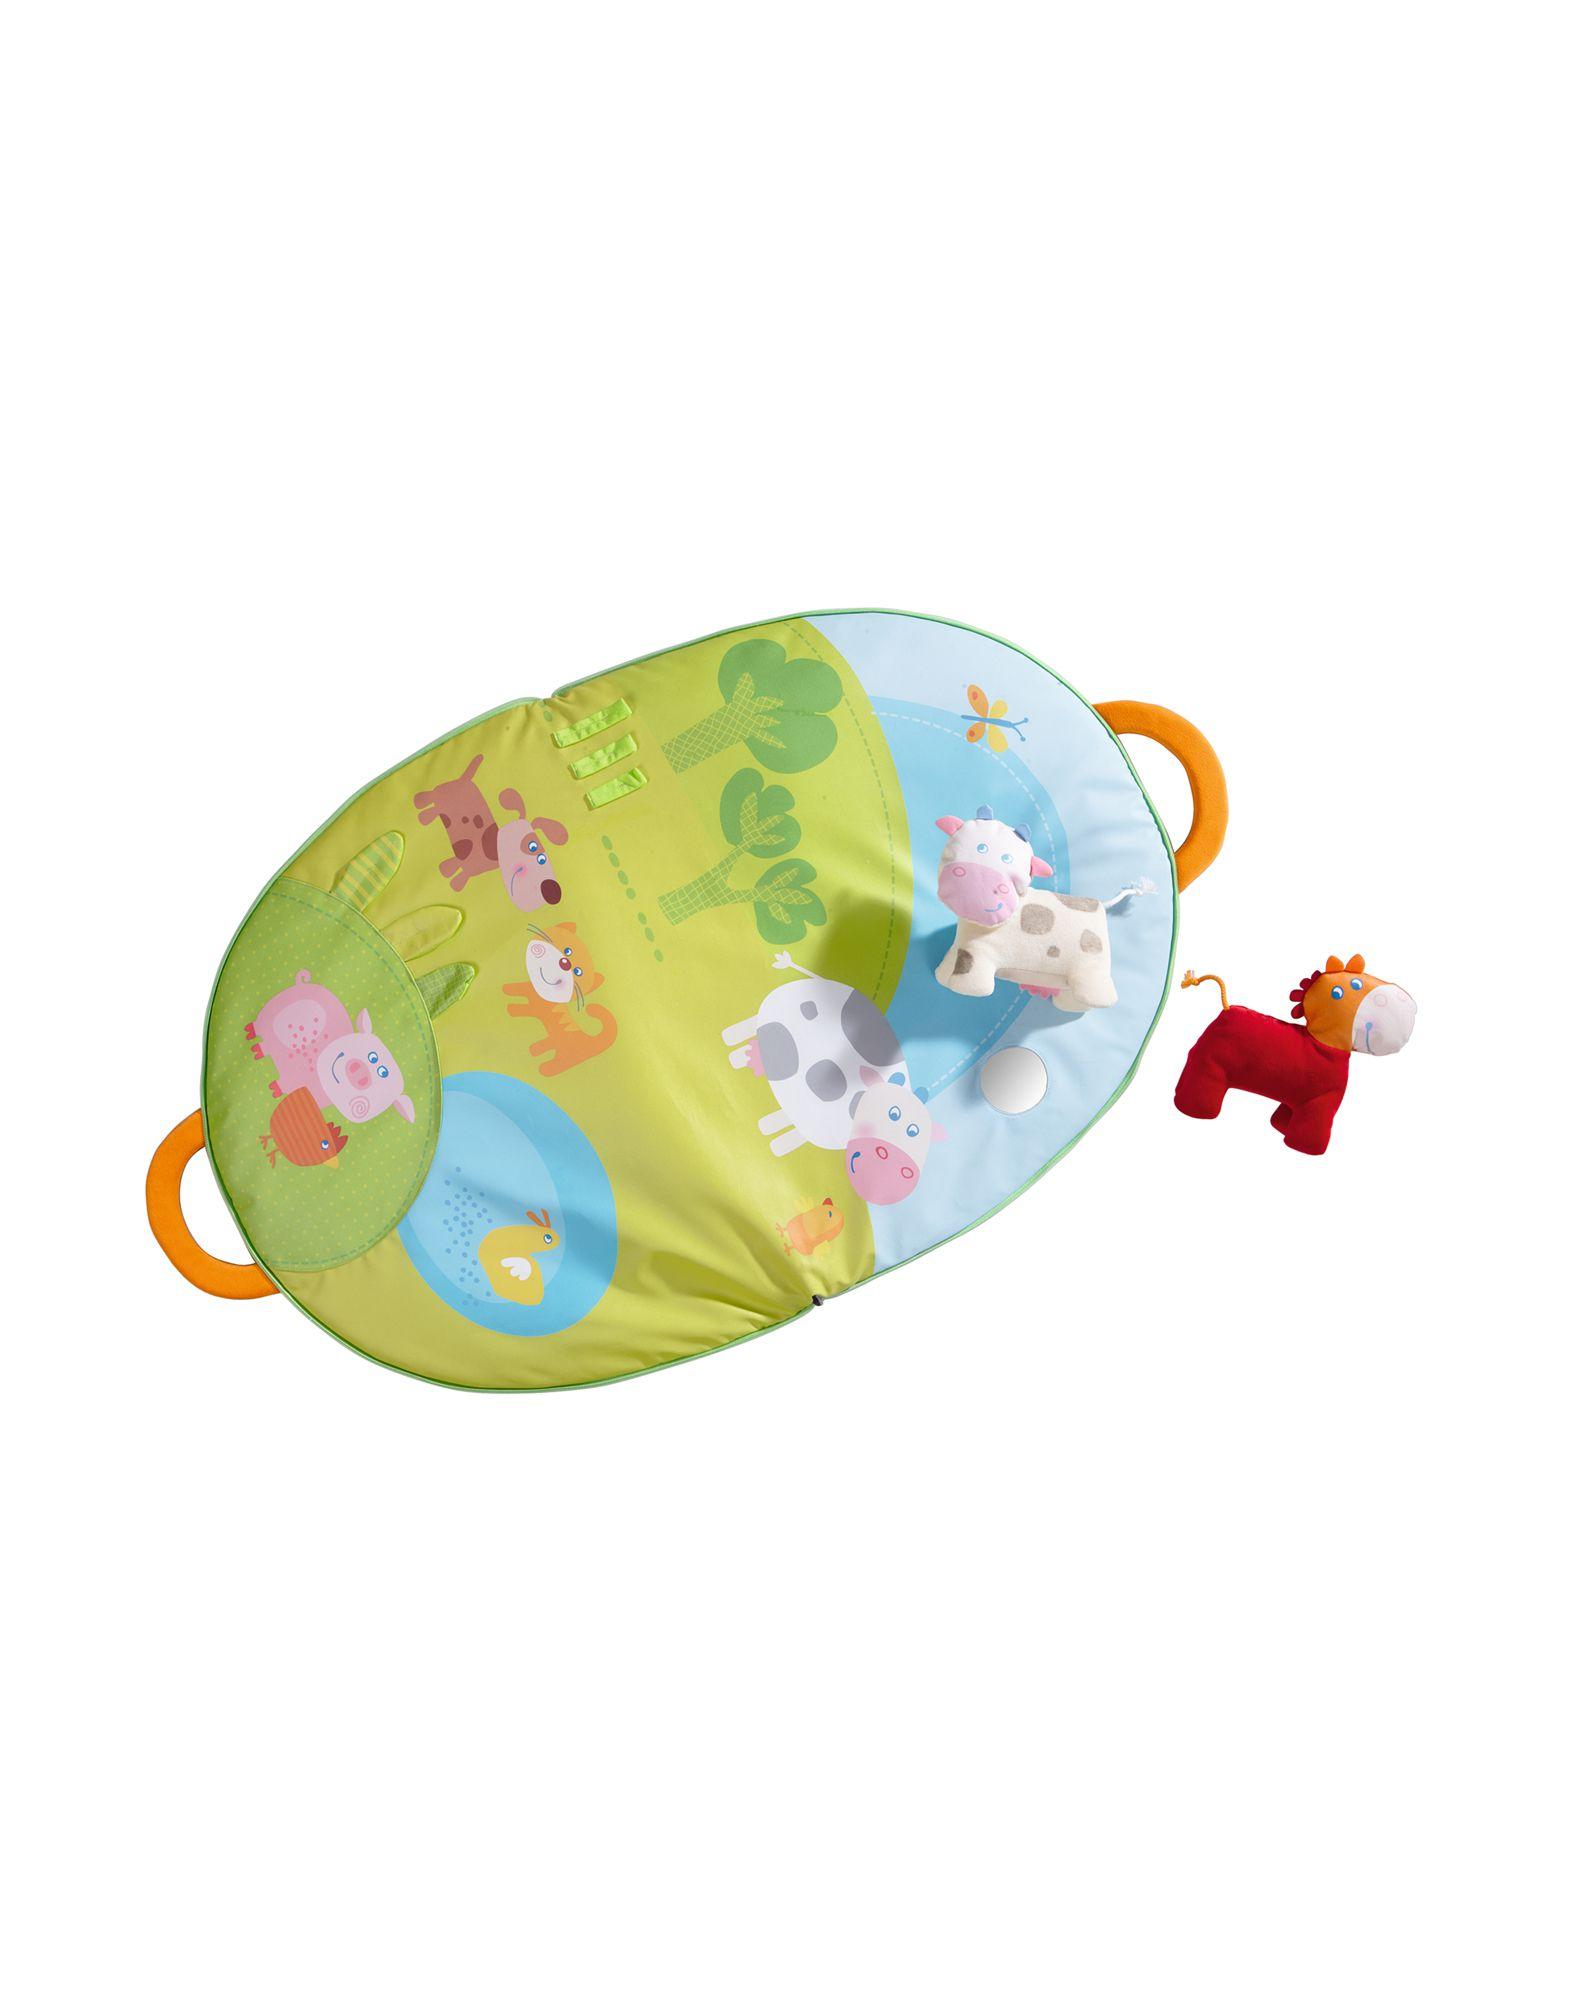 HABA Unisex Baby- und Kinderspielzeuge Farbe (-) Größe 1